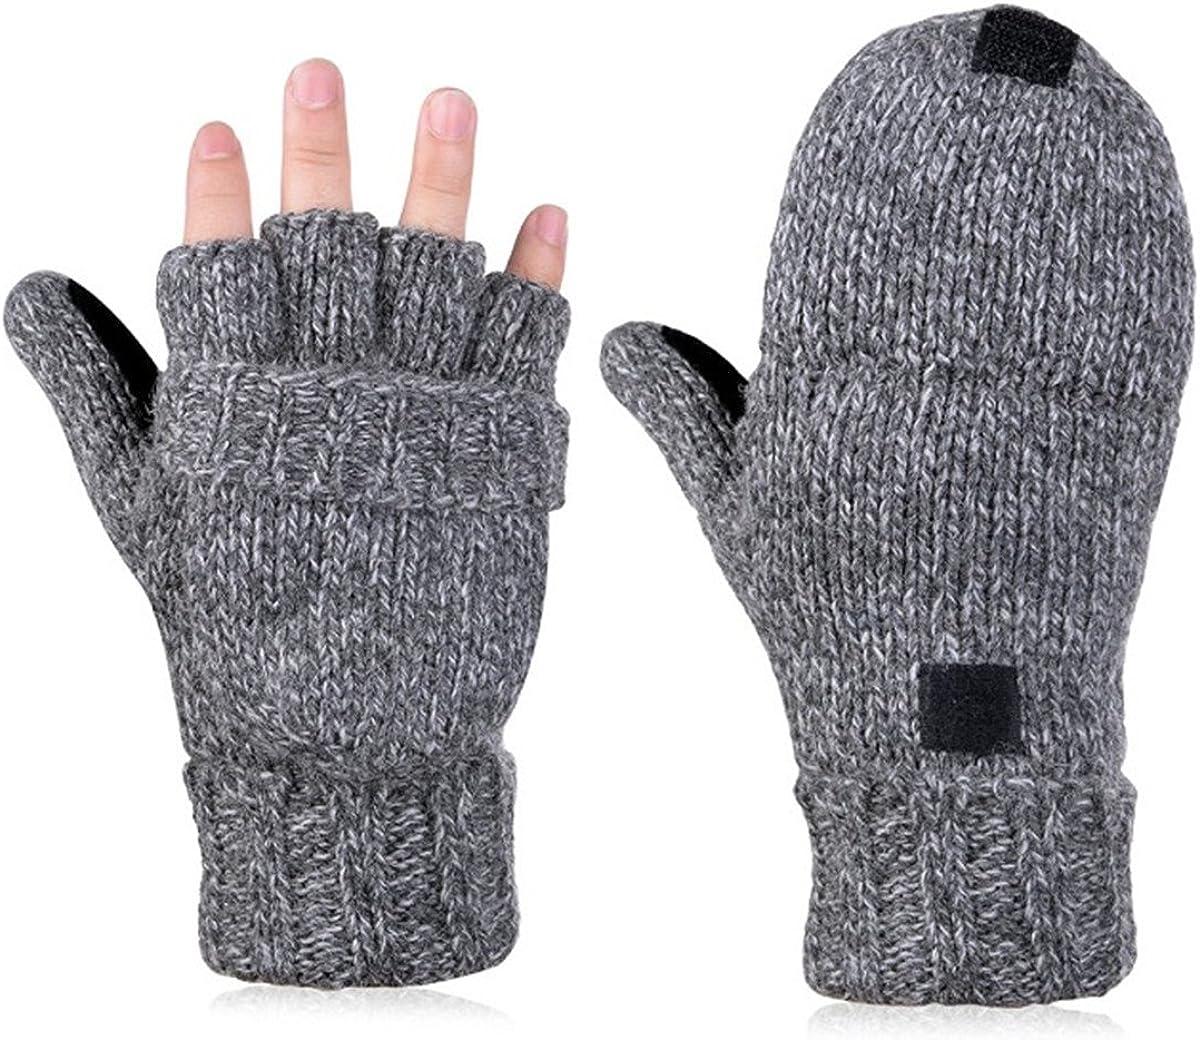 LKXHarleya Winter Flip Top Gloves Knitted Fingerless Mitten Gloves with Flip Cover